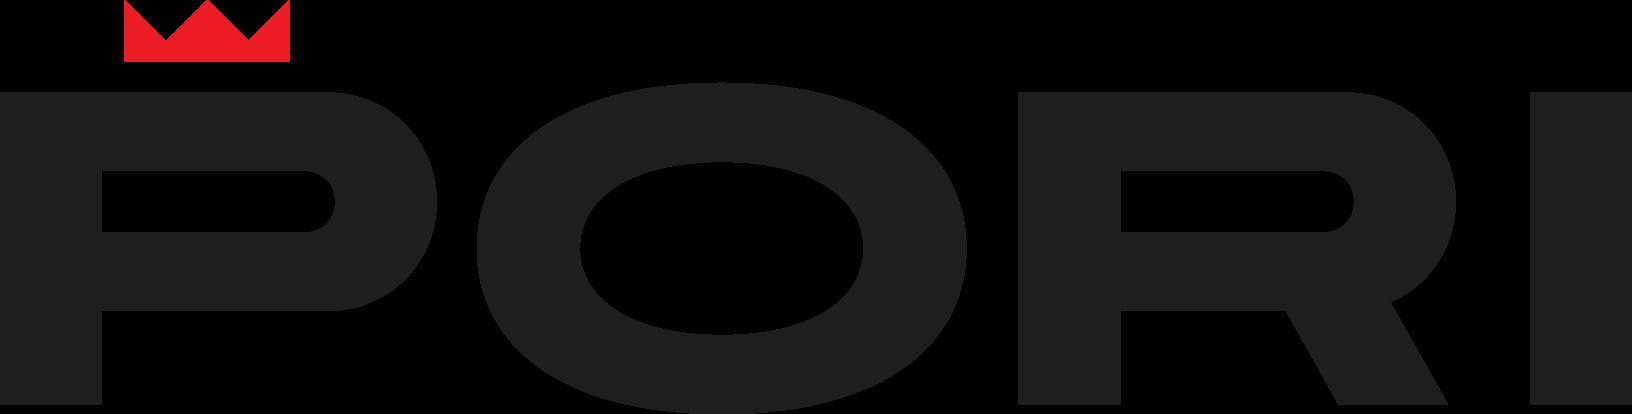 Porin kaupungin logo